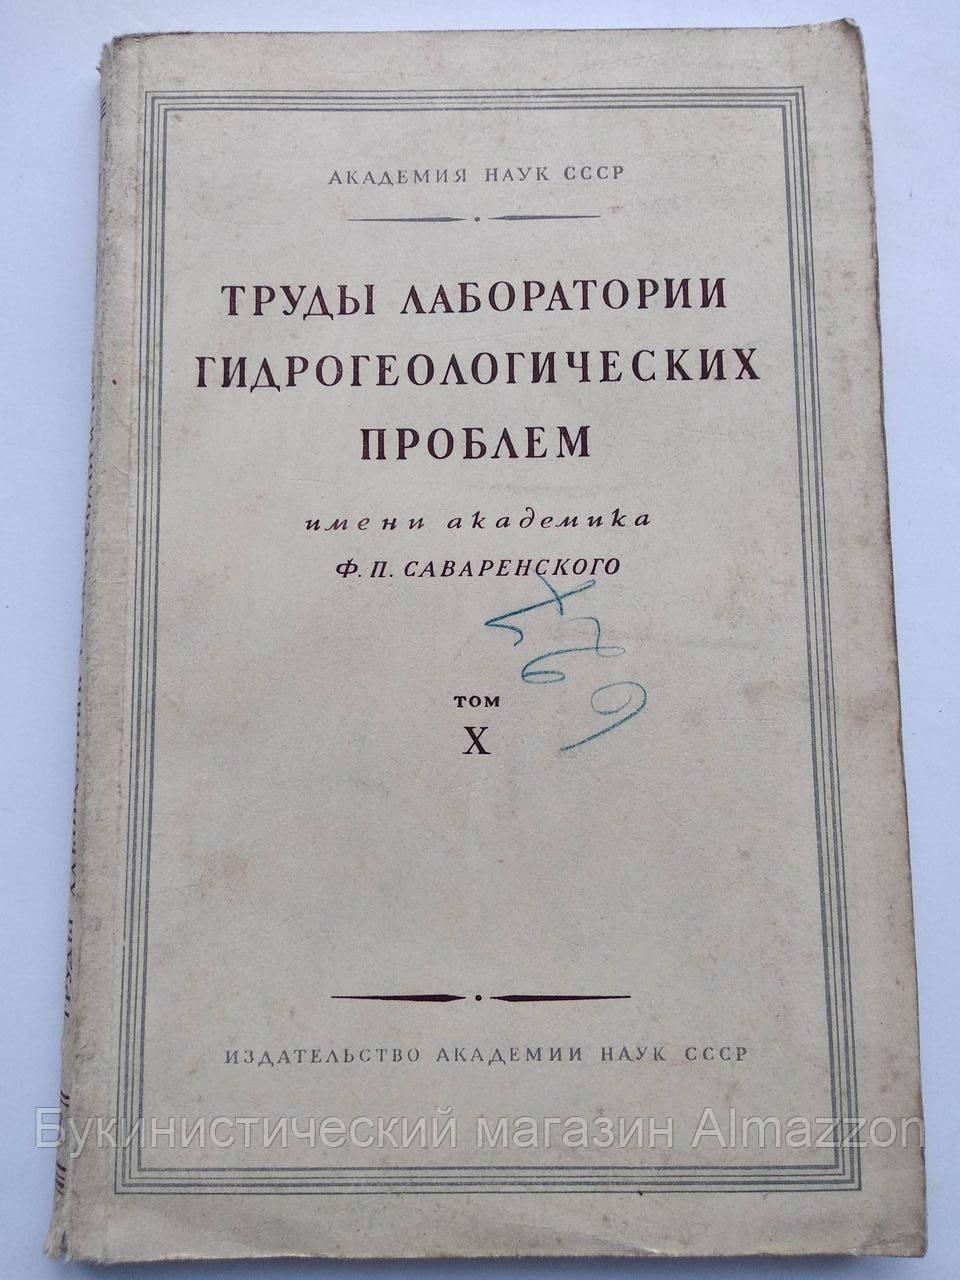 Труды лаборатории гидрогеологических проблем. Том 10. 1951 год. Академия Наук СССР